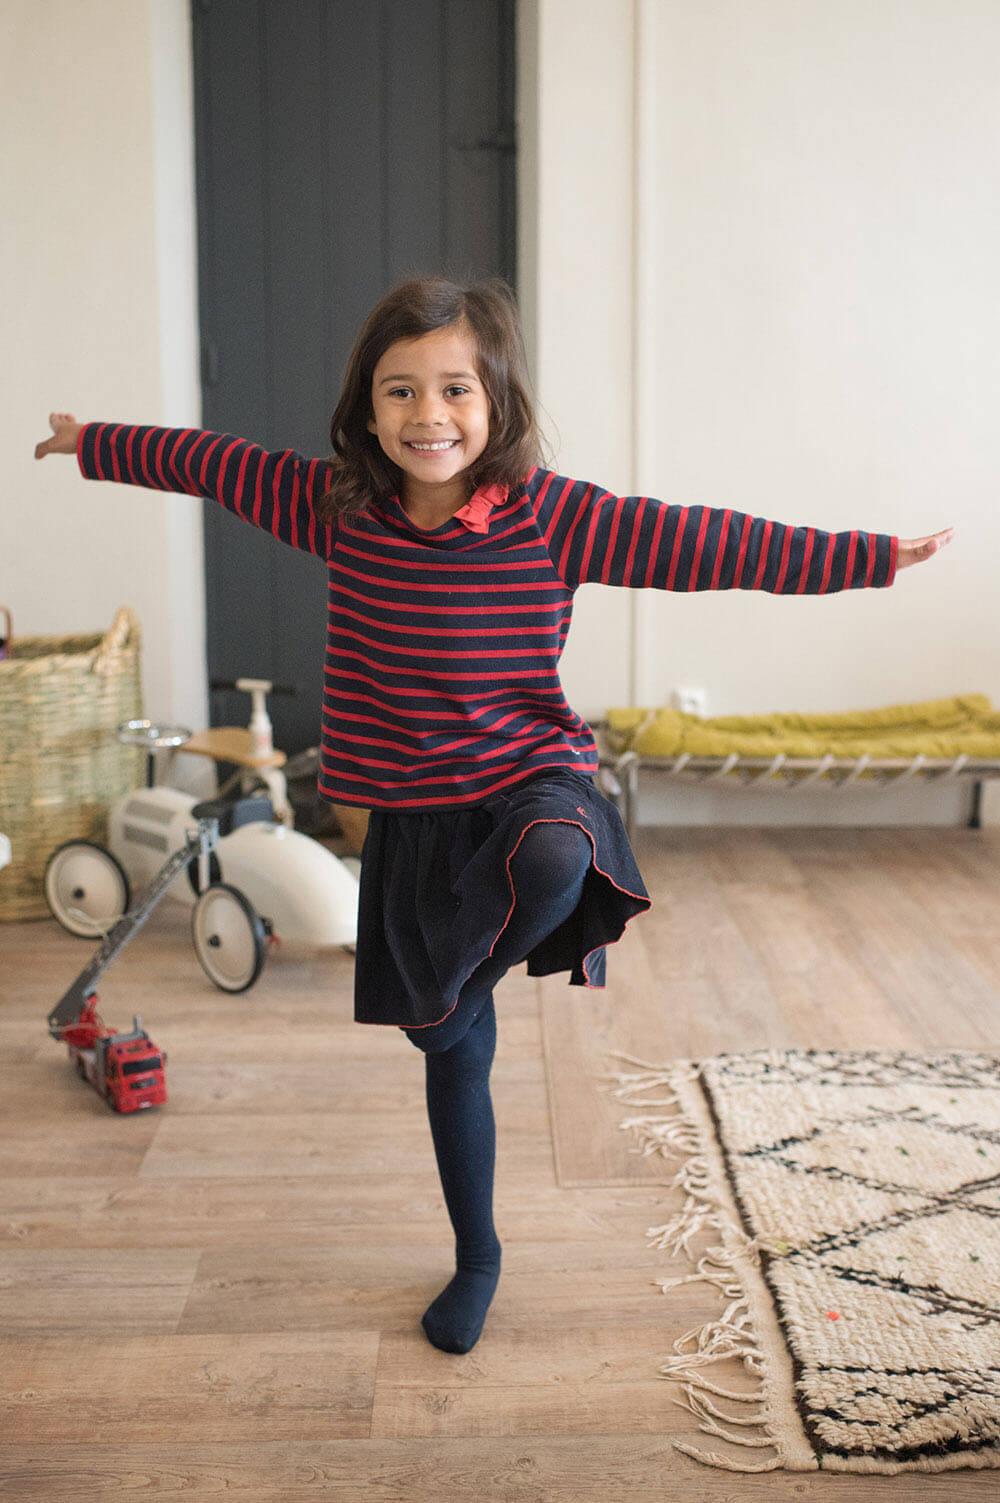 Enfant jouant à cloche pied.